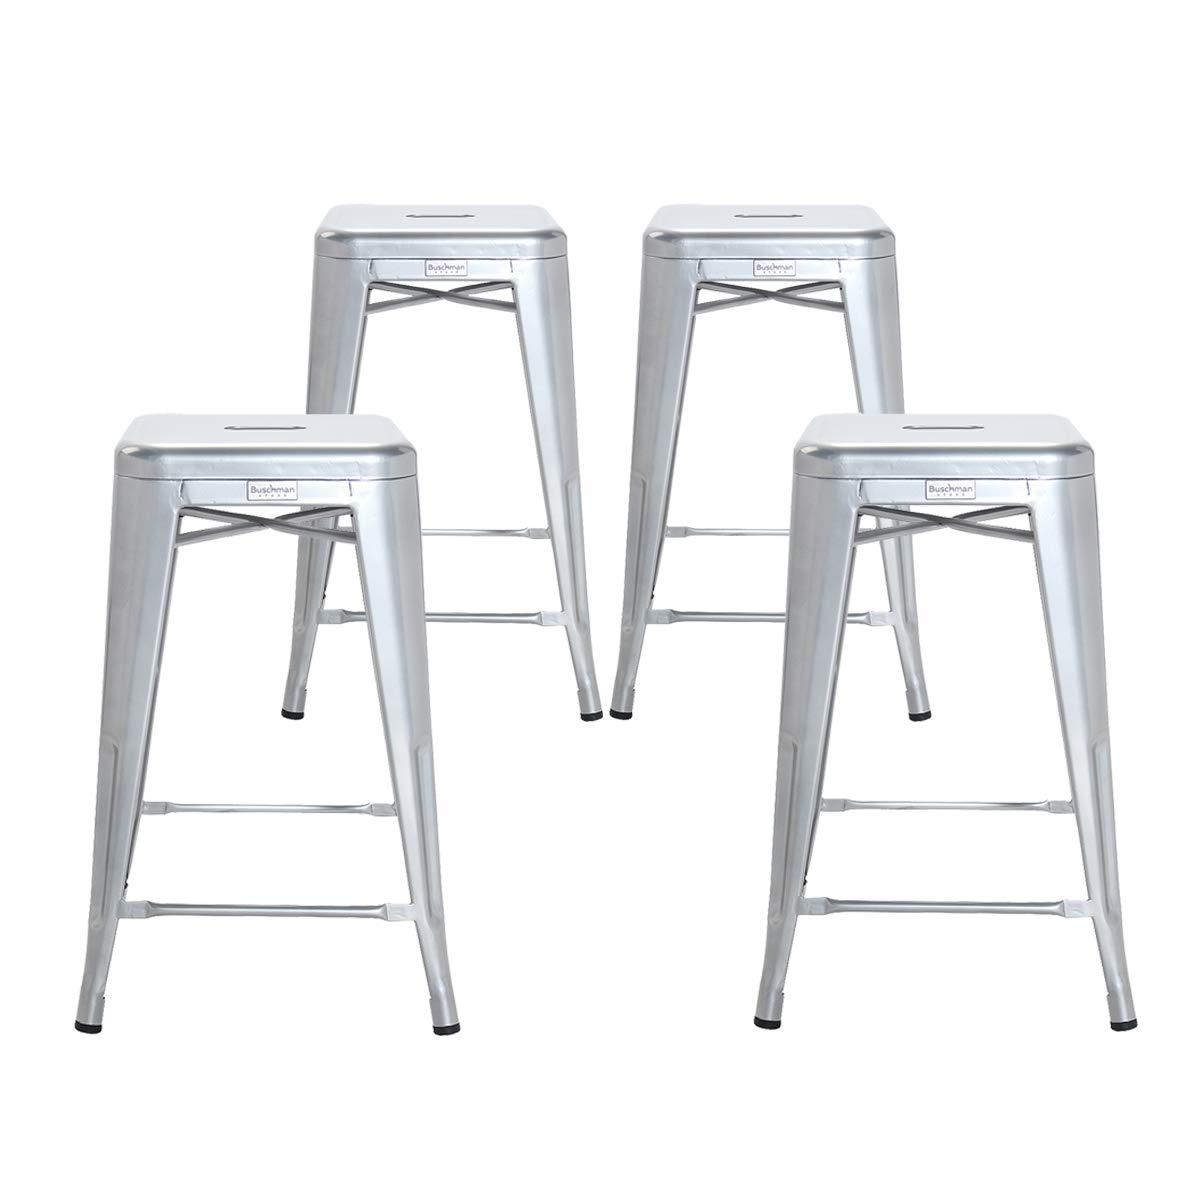 Buschman Set of 4 Gray 26 Inch Counter Height Metal Bar Stools, Indoor/Outdoor, Stackable by Buschman Store